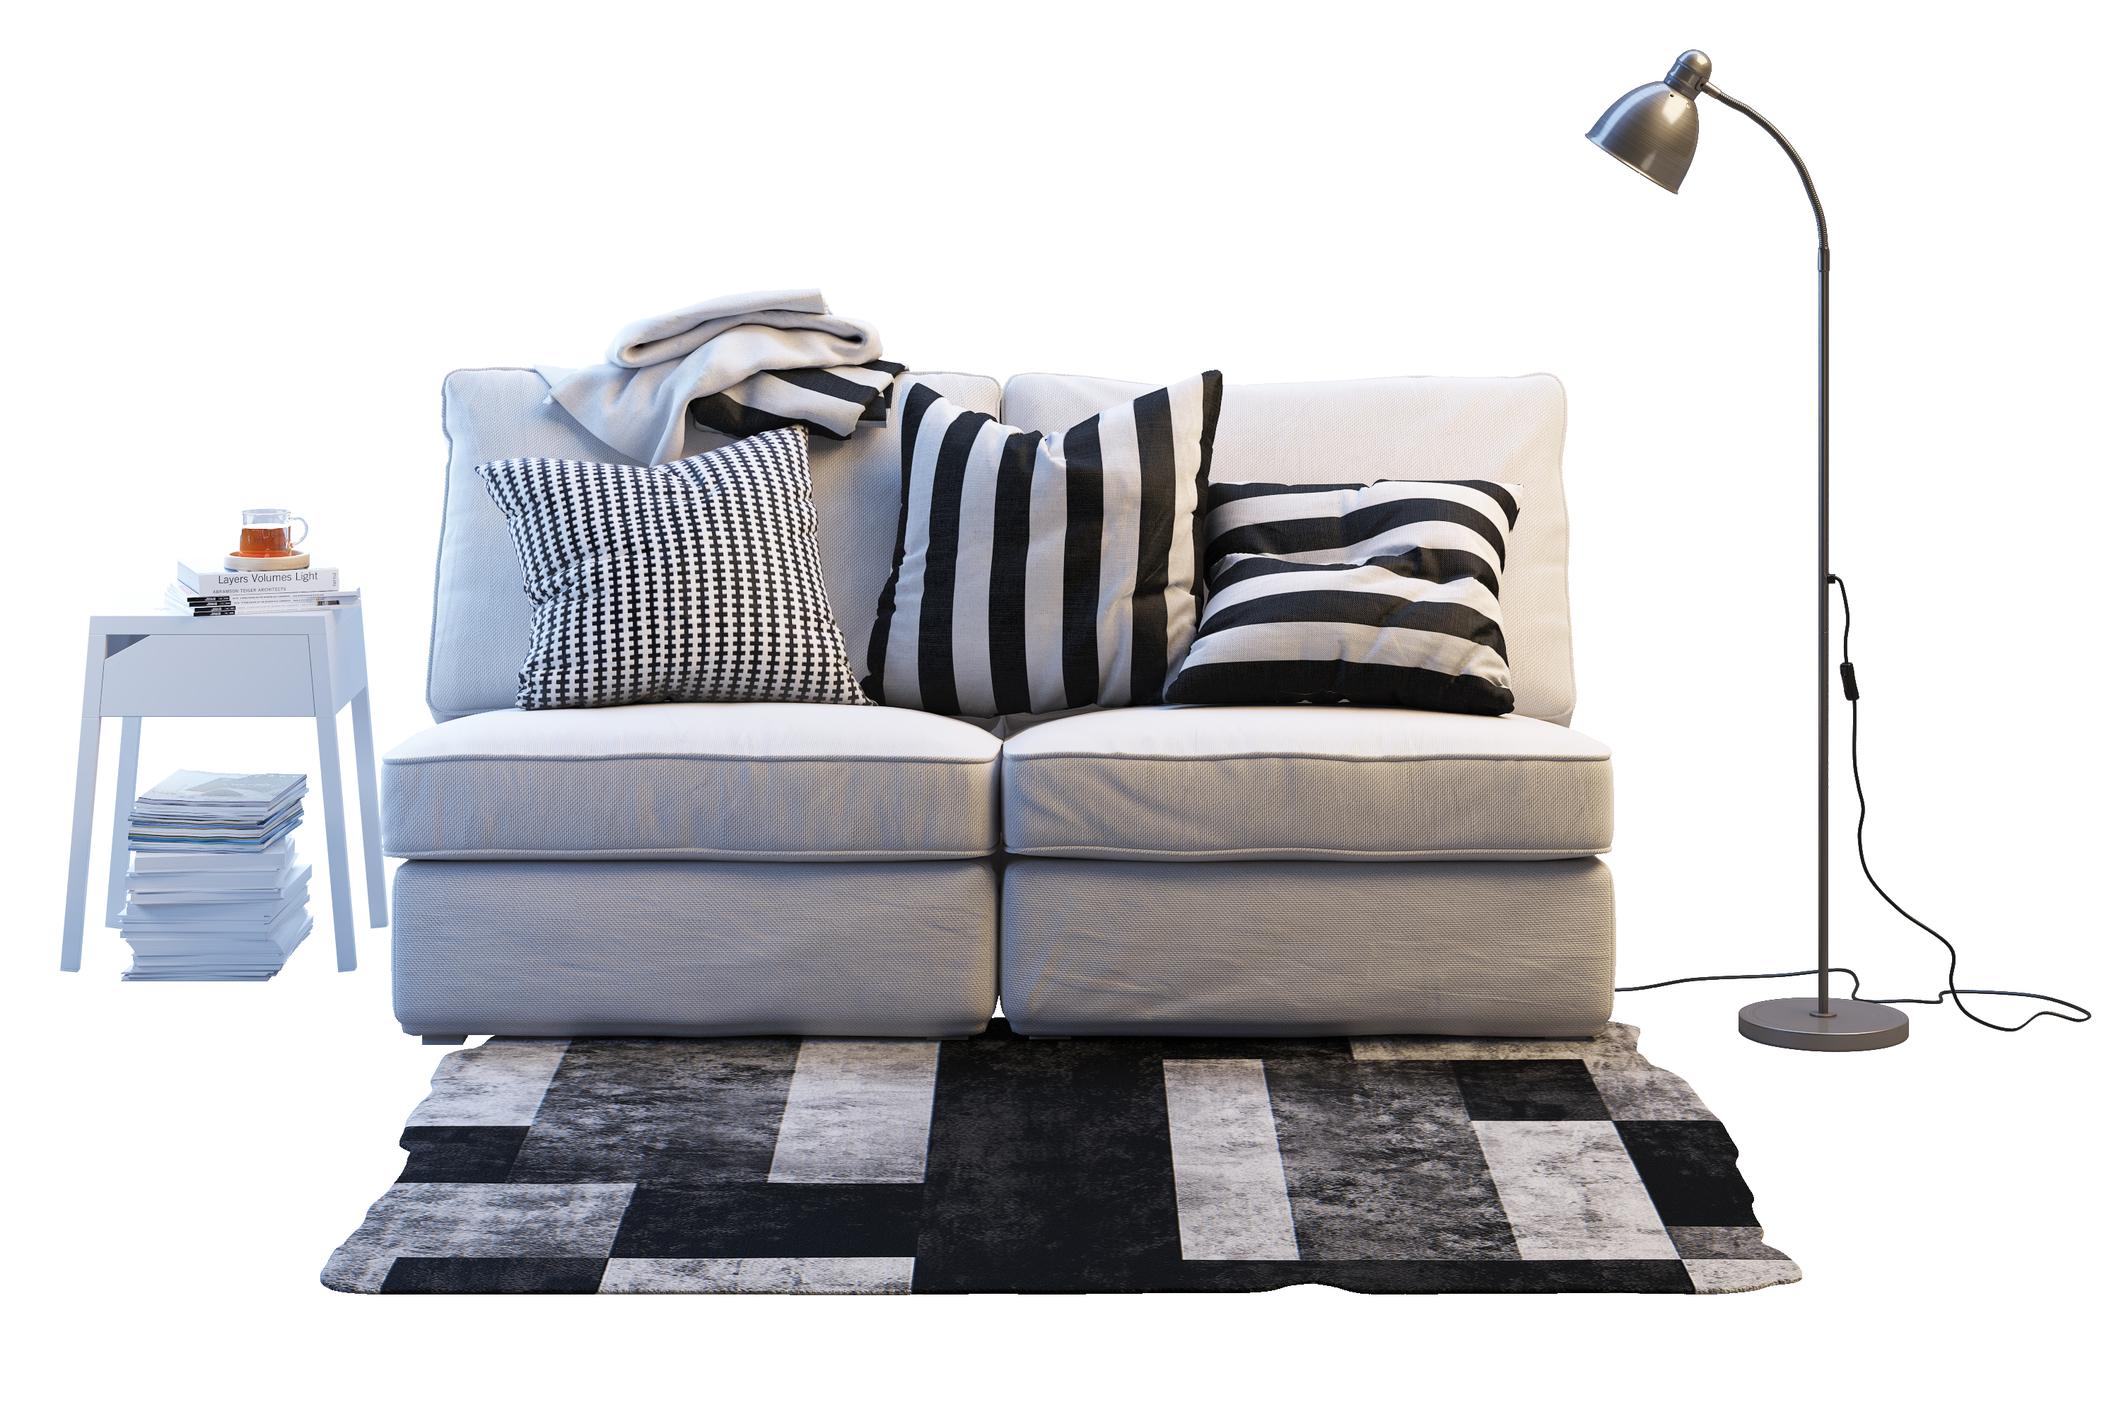 image Quels sont les meubles IKEA les plus vendus ?